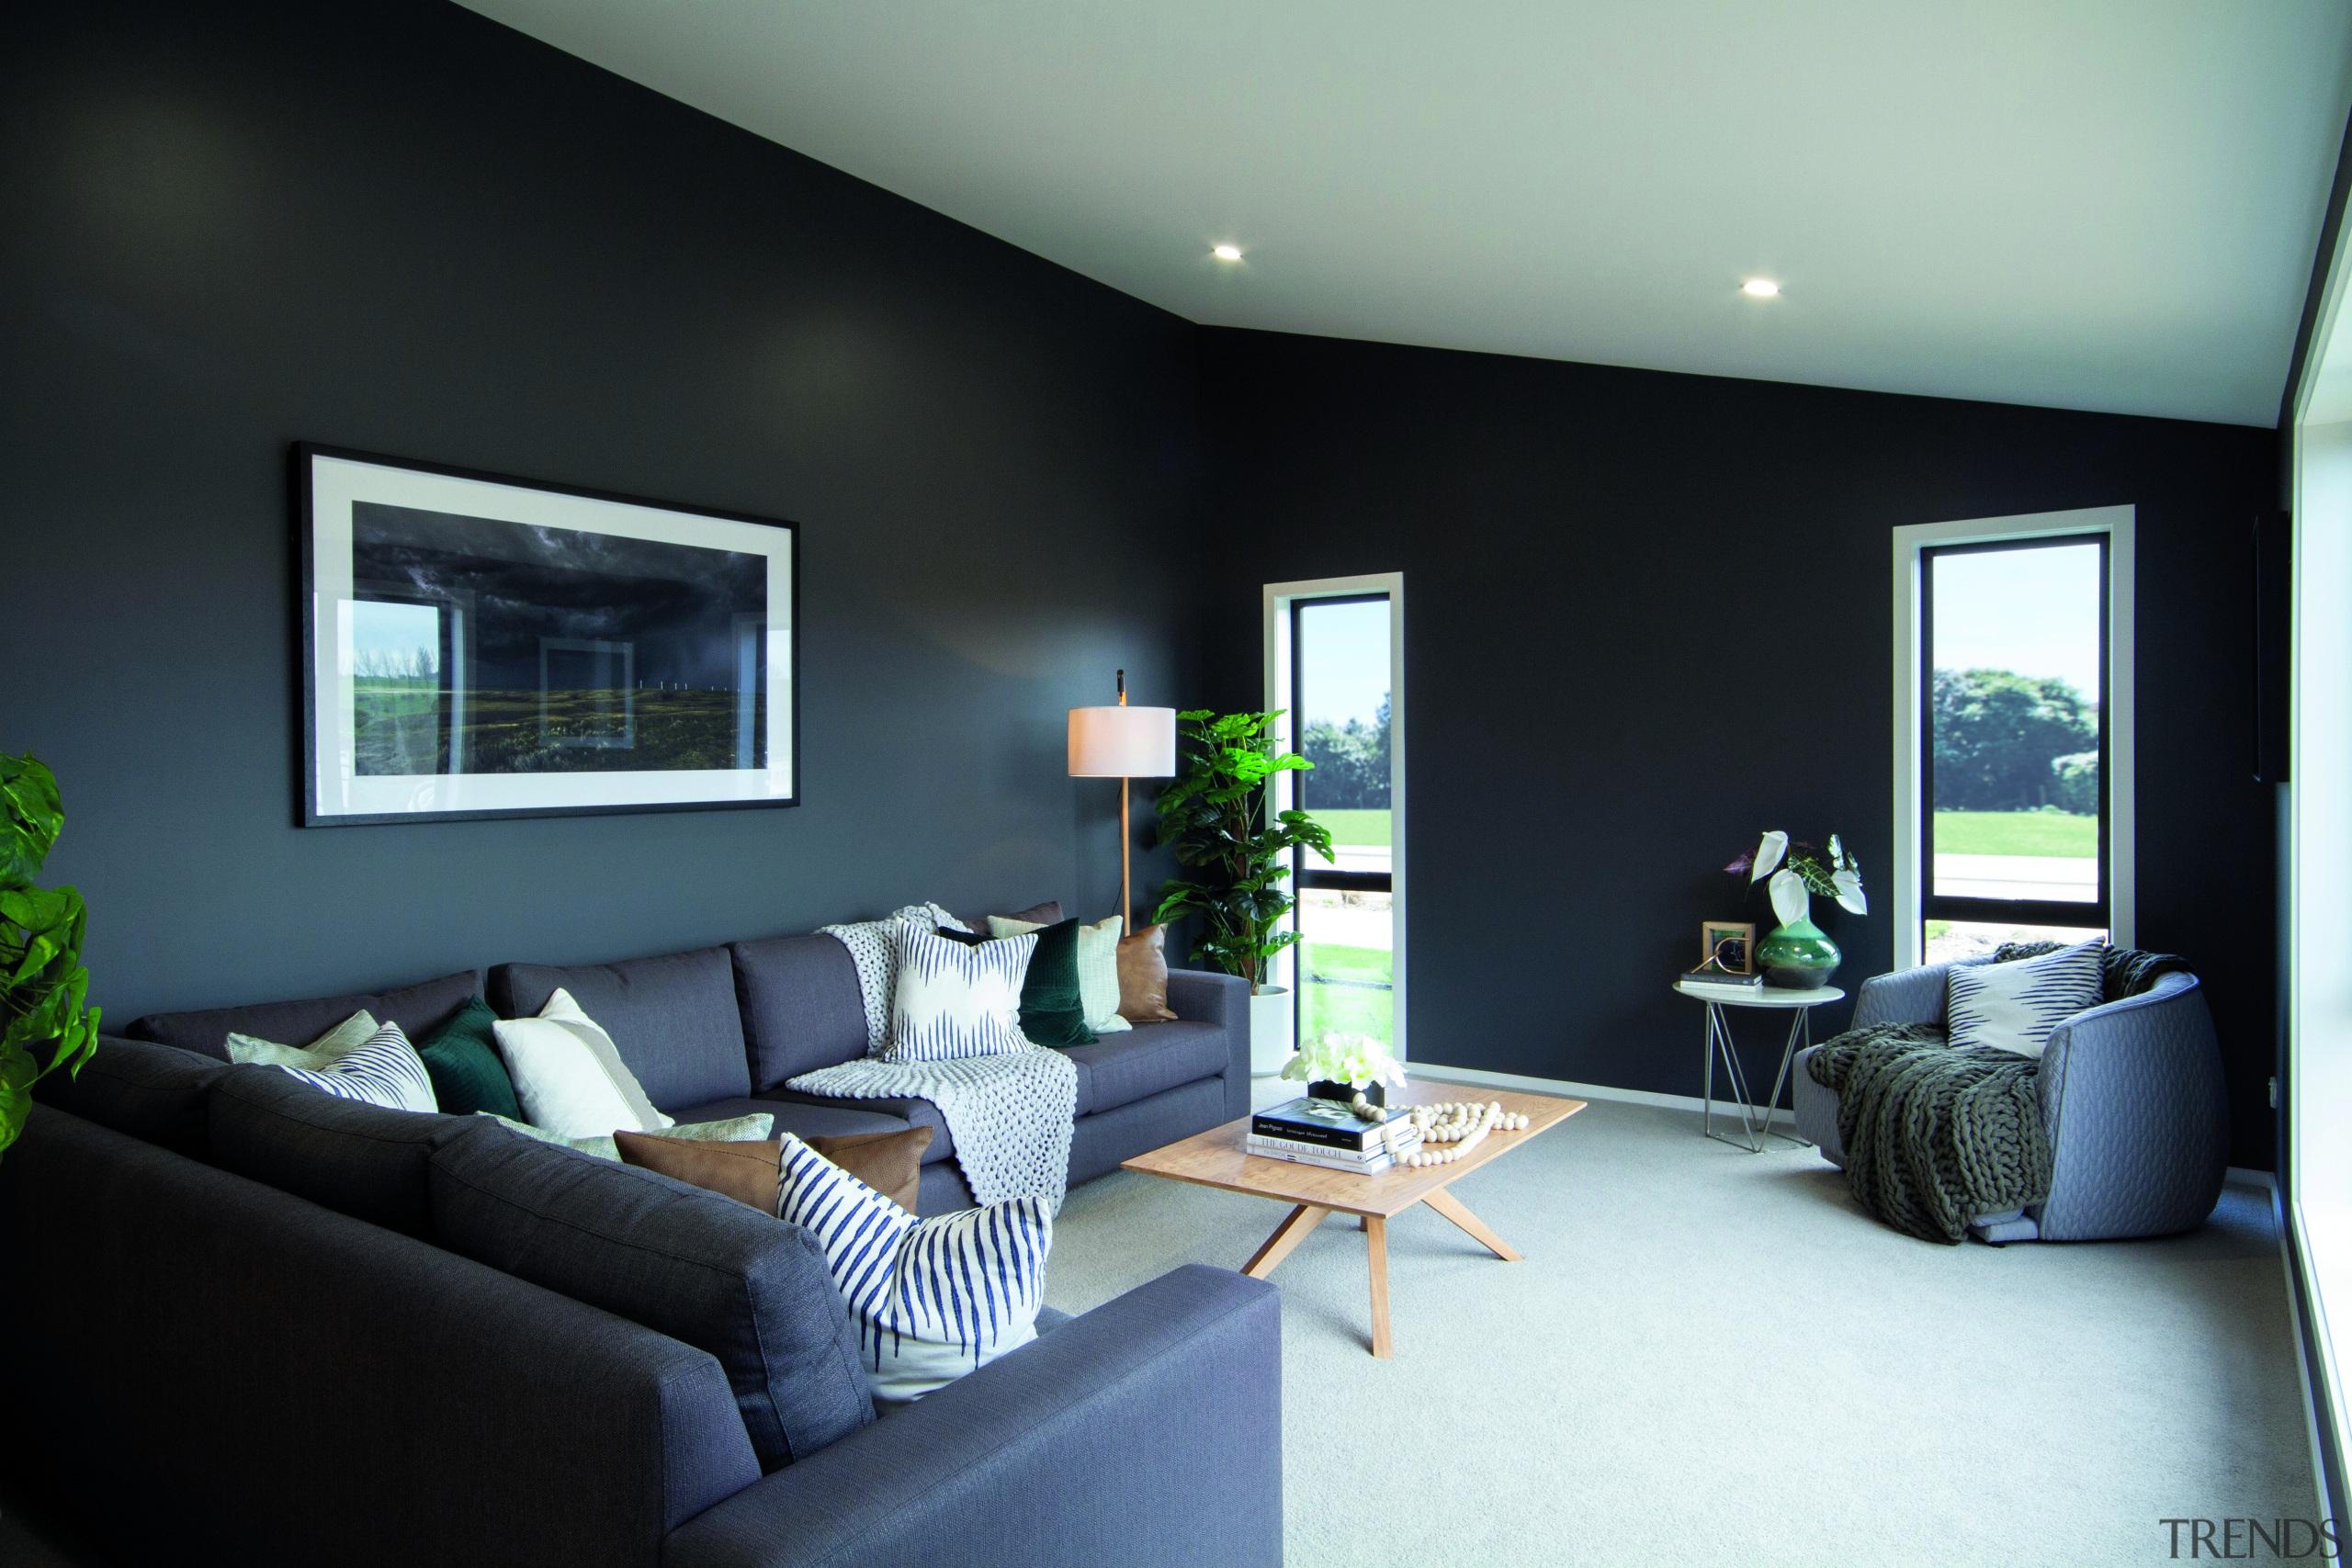 Nz3501 Gj Gardner 229122376 2 Pukenga Rd 240 floor, furniture, green, home, house, interior design, living room, furniture, GJ Gardner, Resene